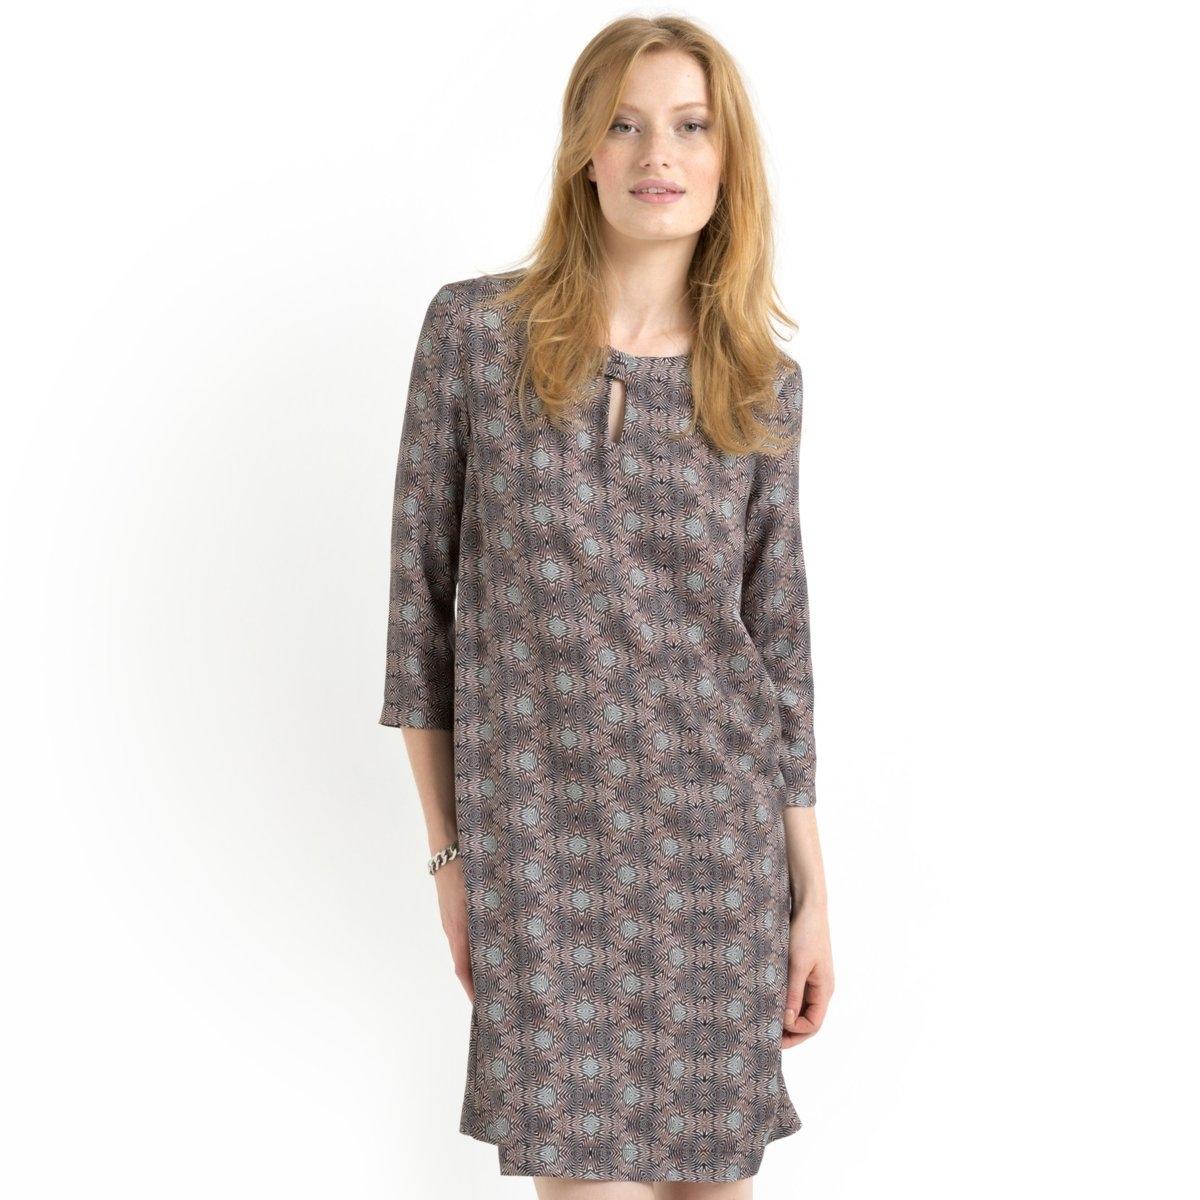 Платье прямое с рисункомПлатье из 100% вискозы. Круглый вырез с застежкой на металлическую пуговицу. Рукава 3/4. Длина 90 см.<br><br>Цвет: набивной рисунок<br>Размер: 36 (FR) - 42 (RUS).38 (FR) - 44 (RUS)